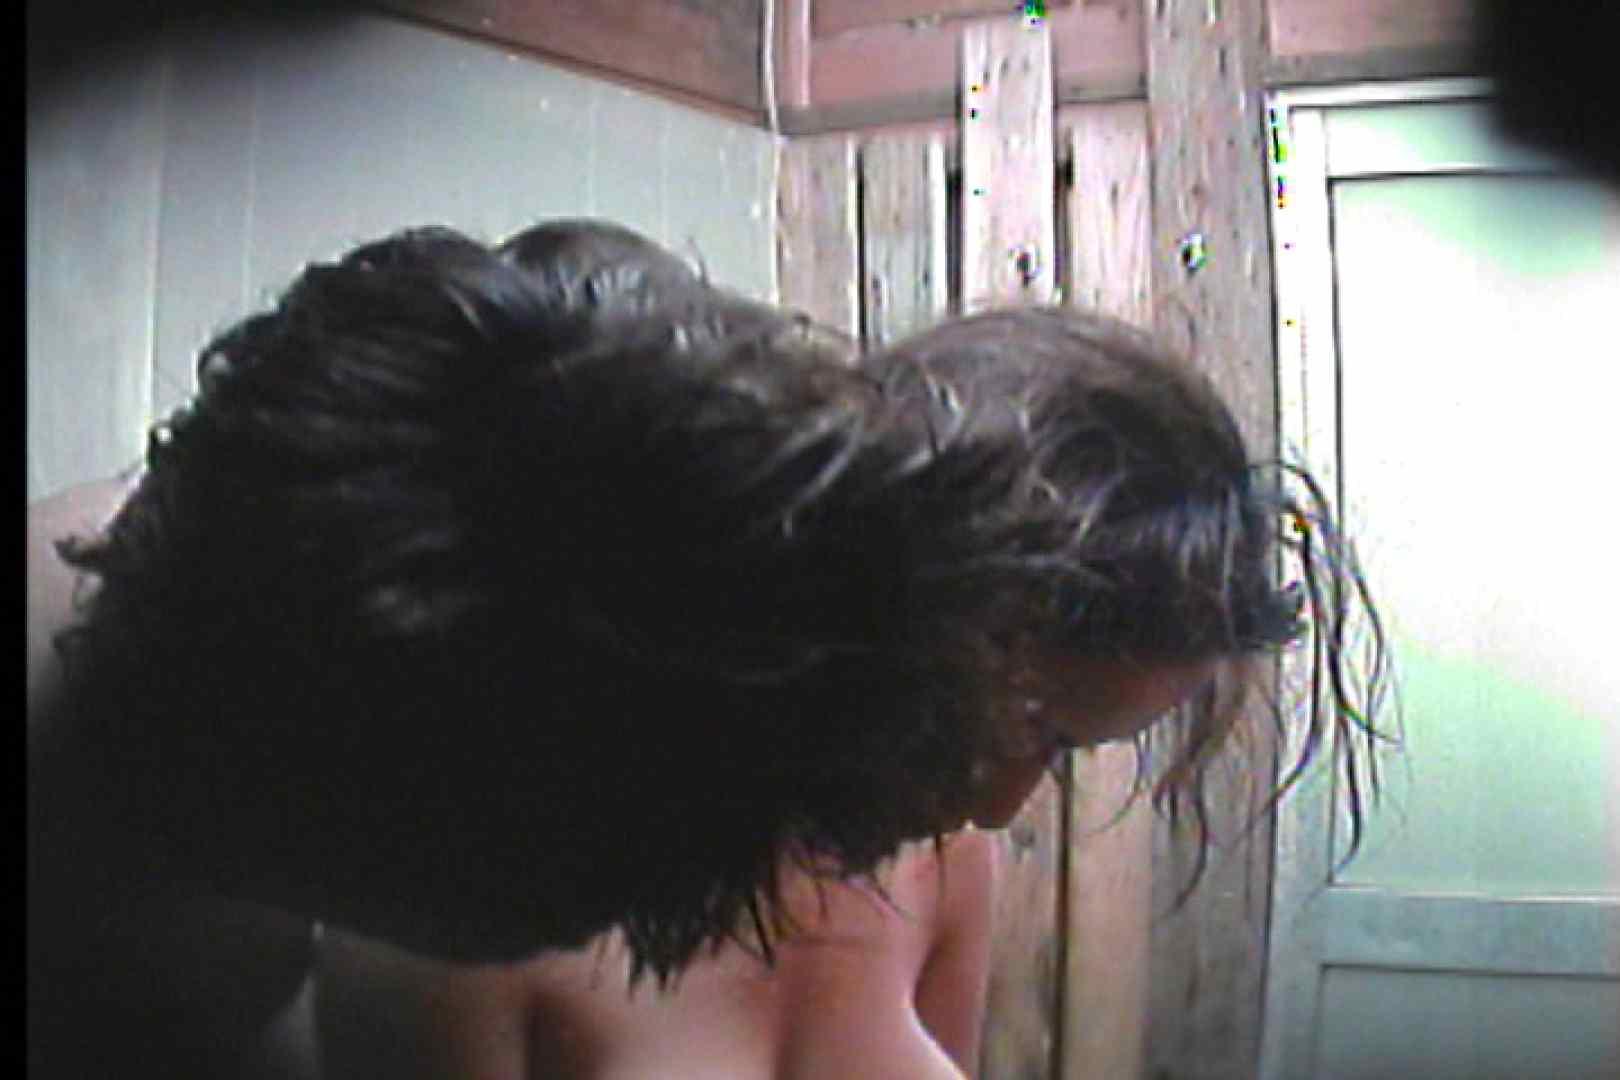 海の家の更衣室 Vol.33 美女 戯れ無修正画像 21画像 5